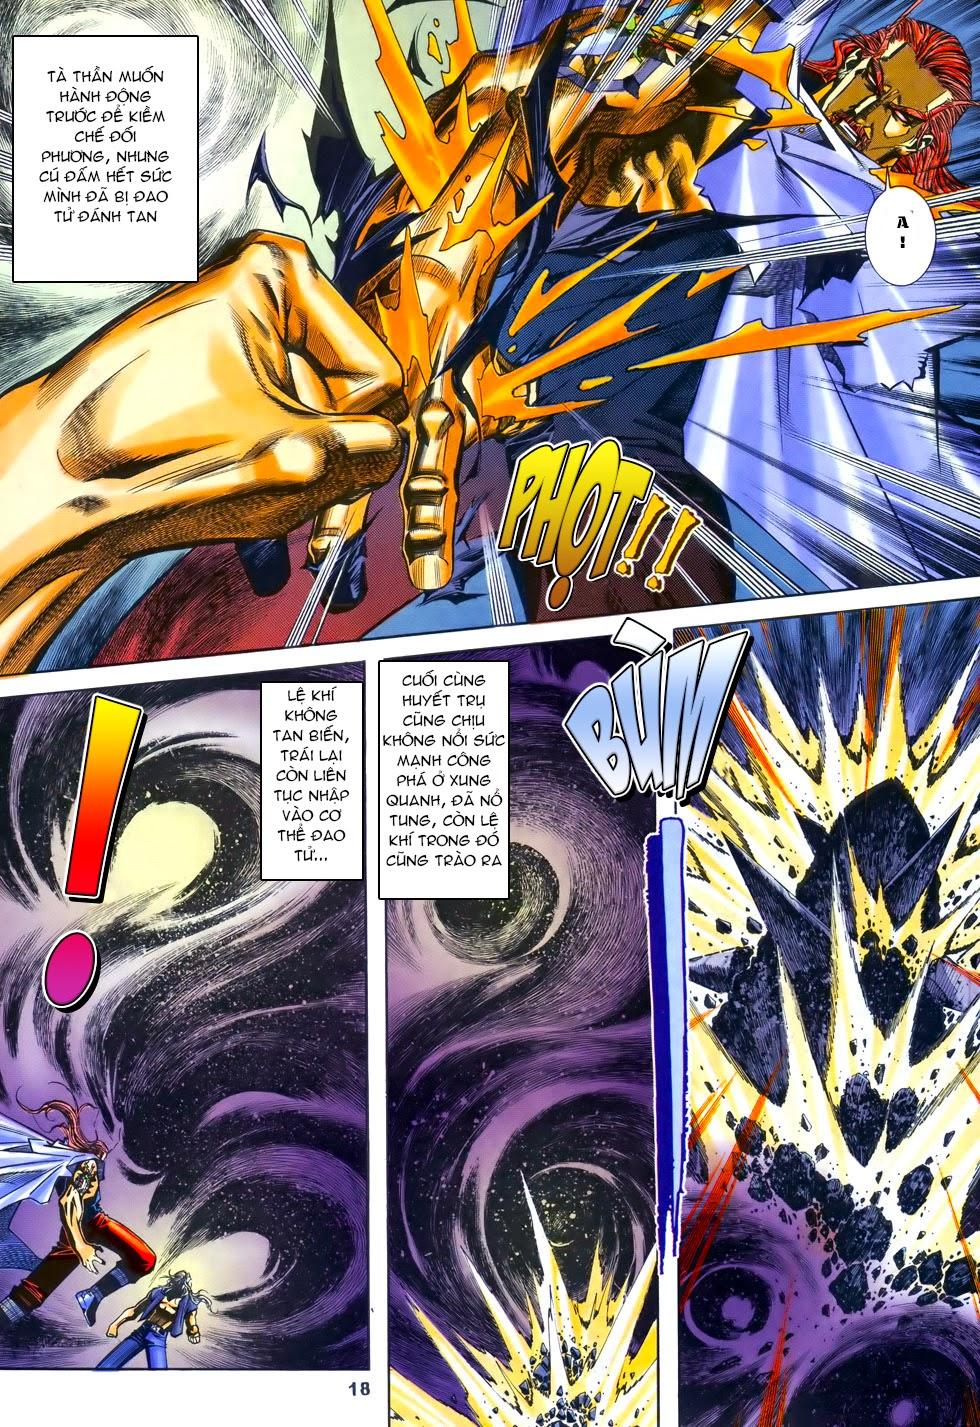 X Bạo Tộc chap 69 - Trang 18